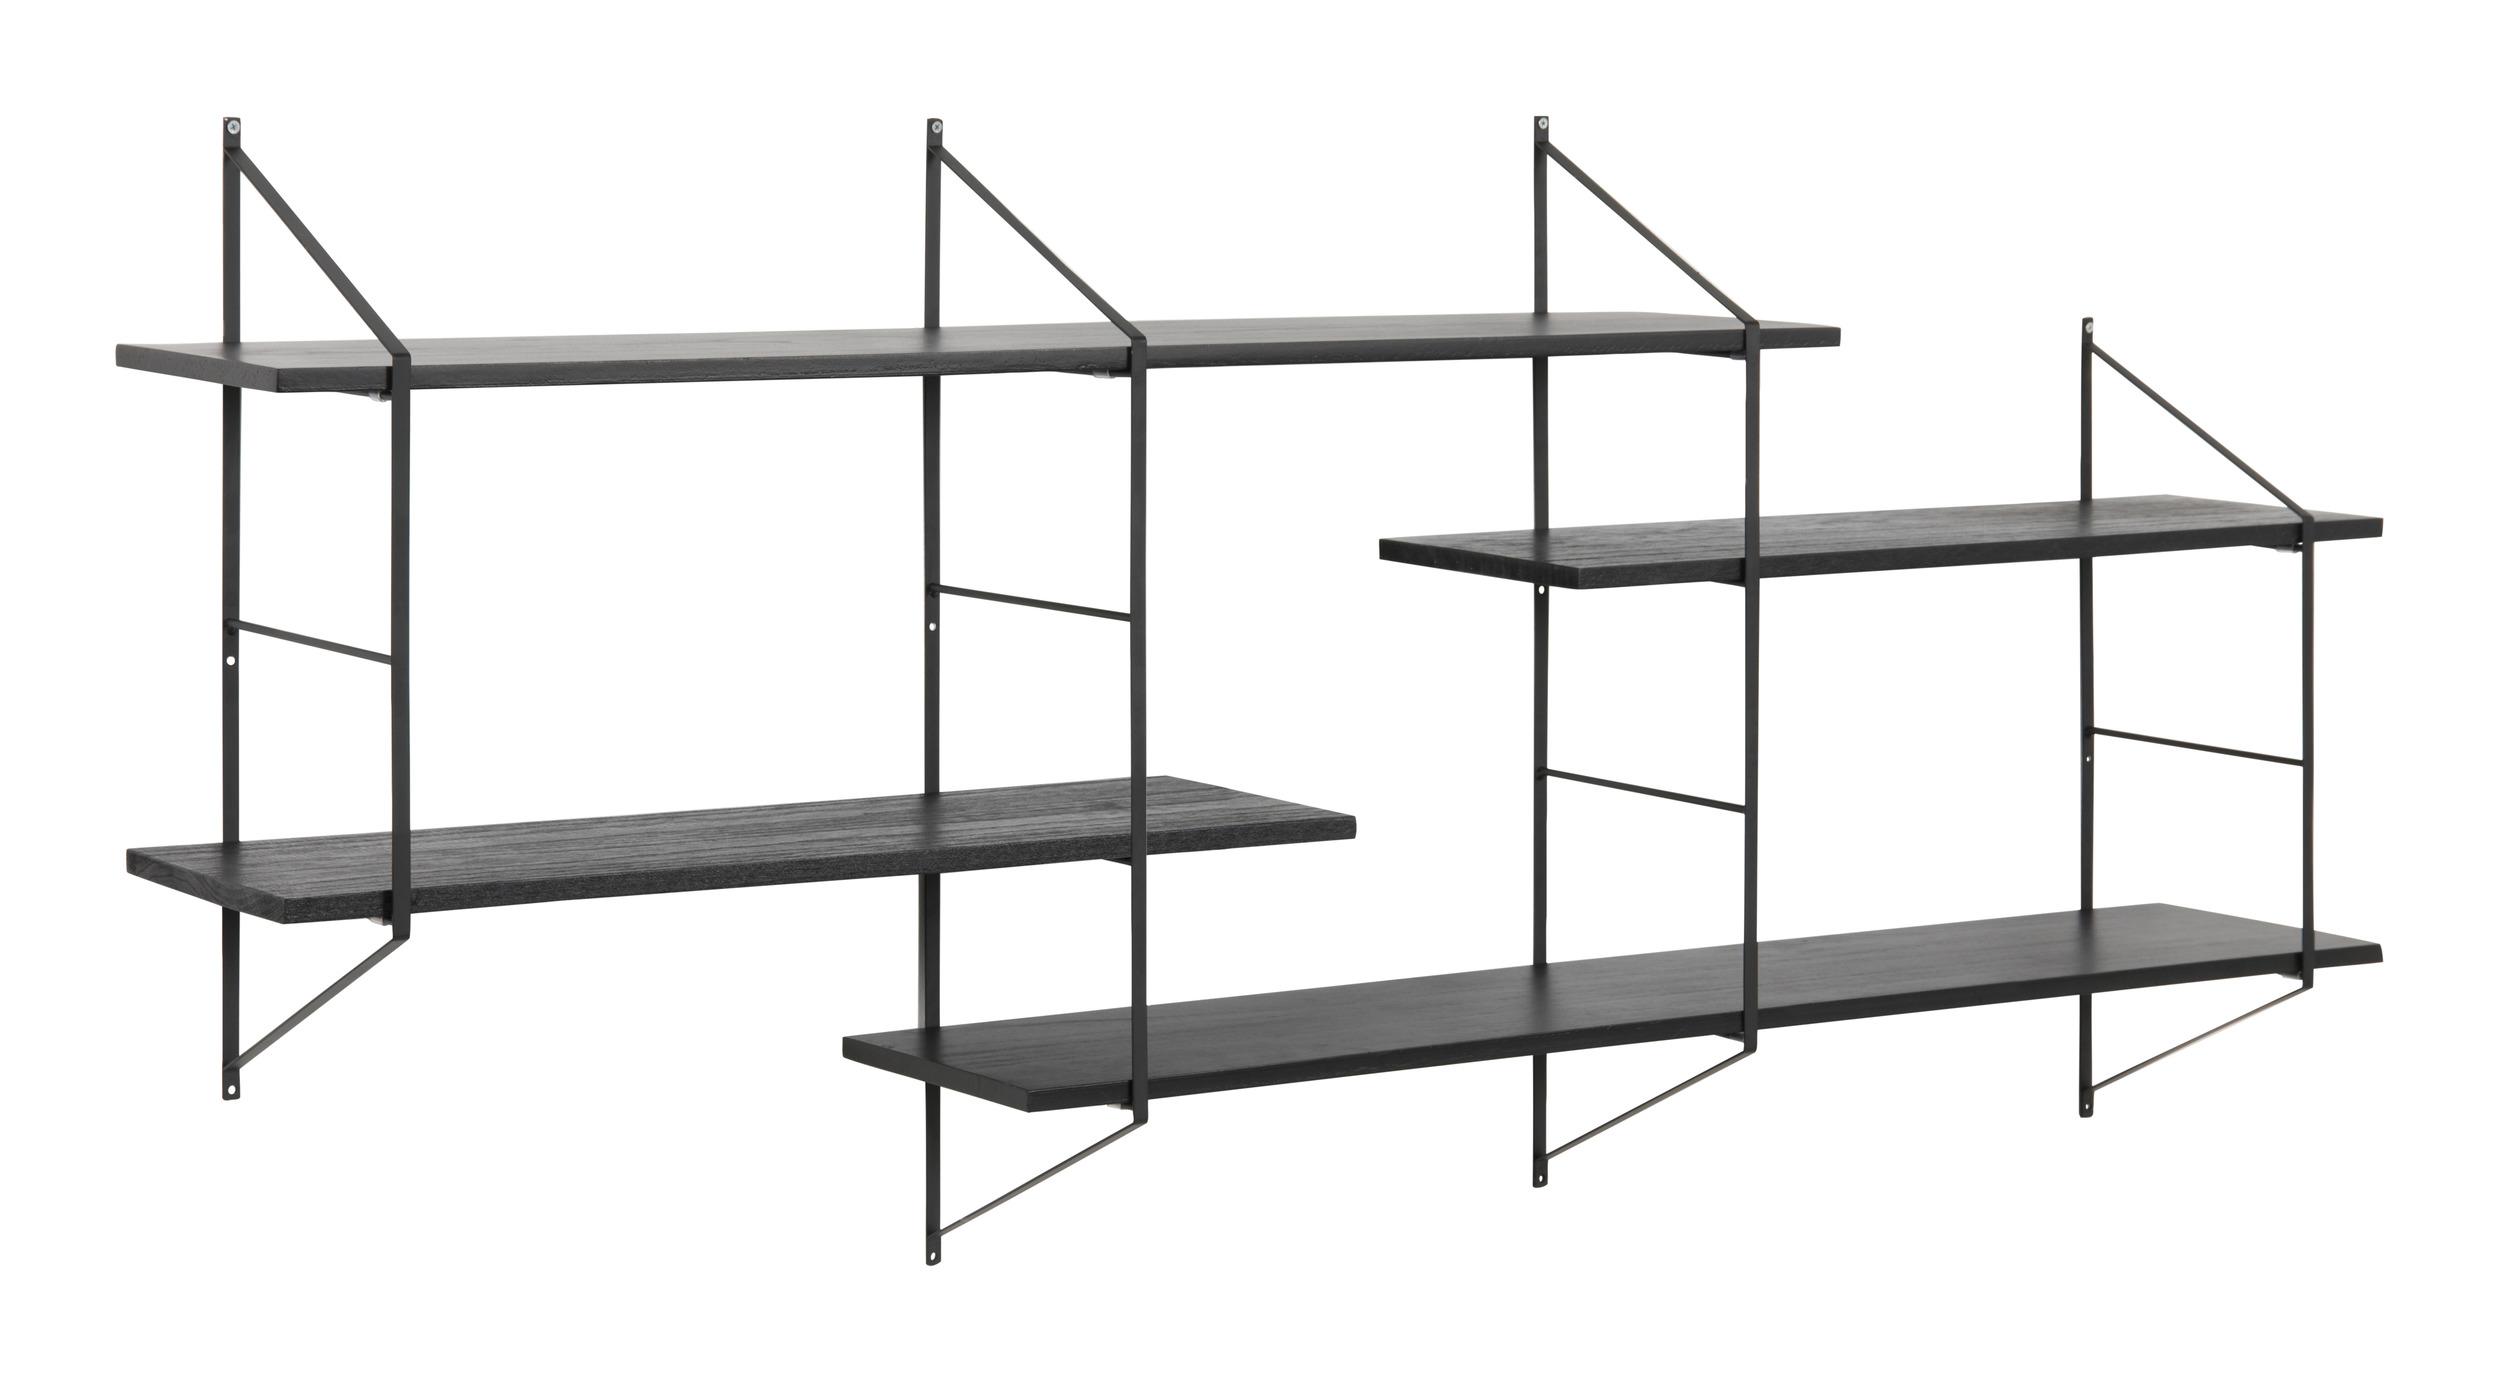 Wandrekje 'Mie' met 4 planken, kleur zwart Woonaccessoires | Wandplanken kopen